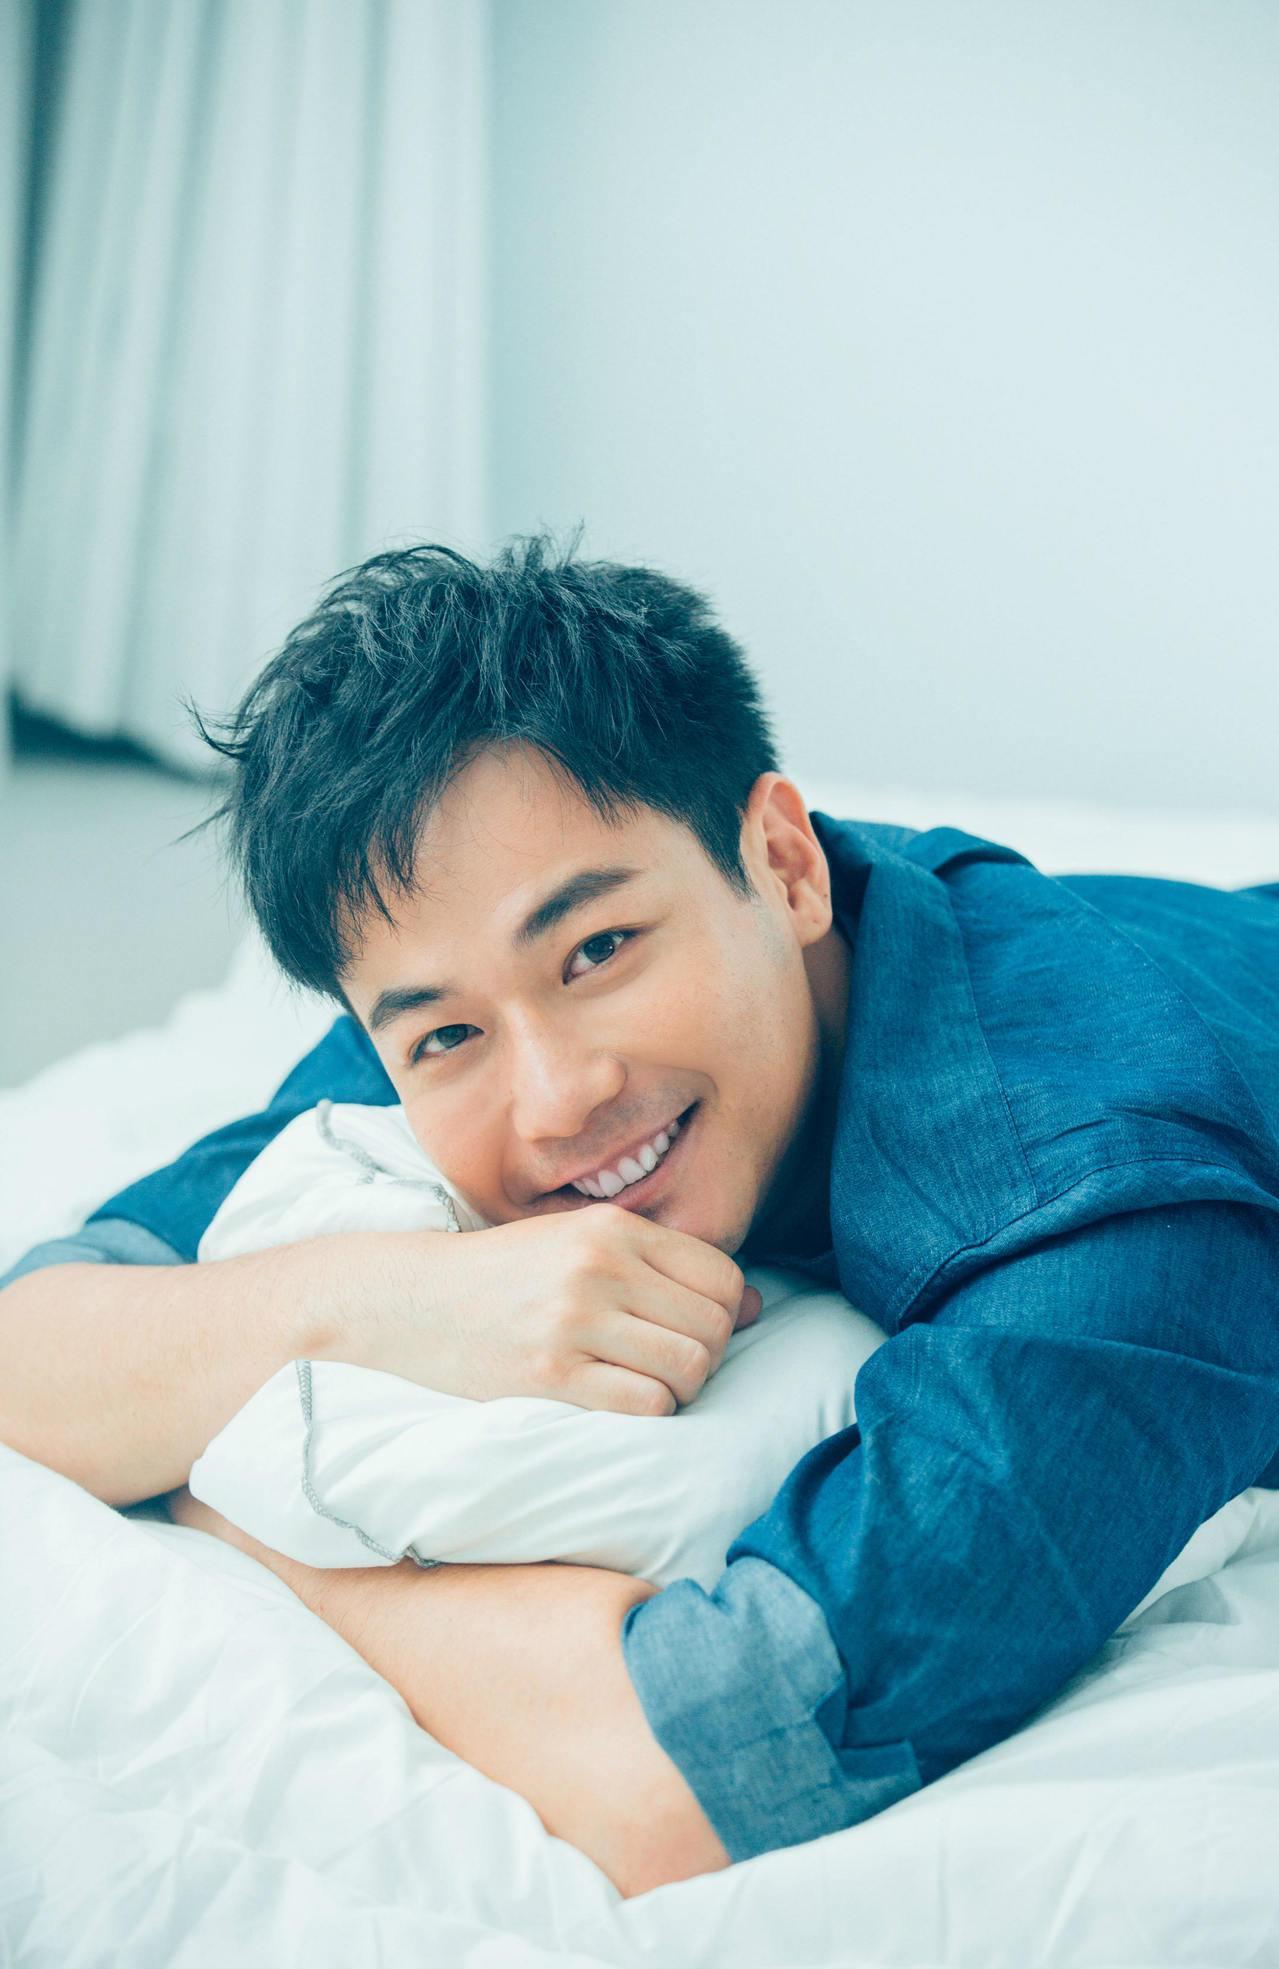 劉傑中陽光笑容擄獲不少粉絲。圖/艾迪昇提供